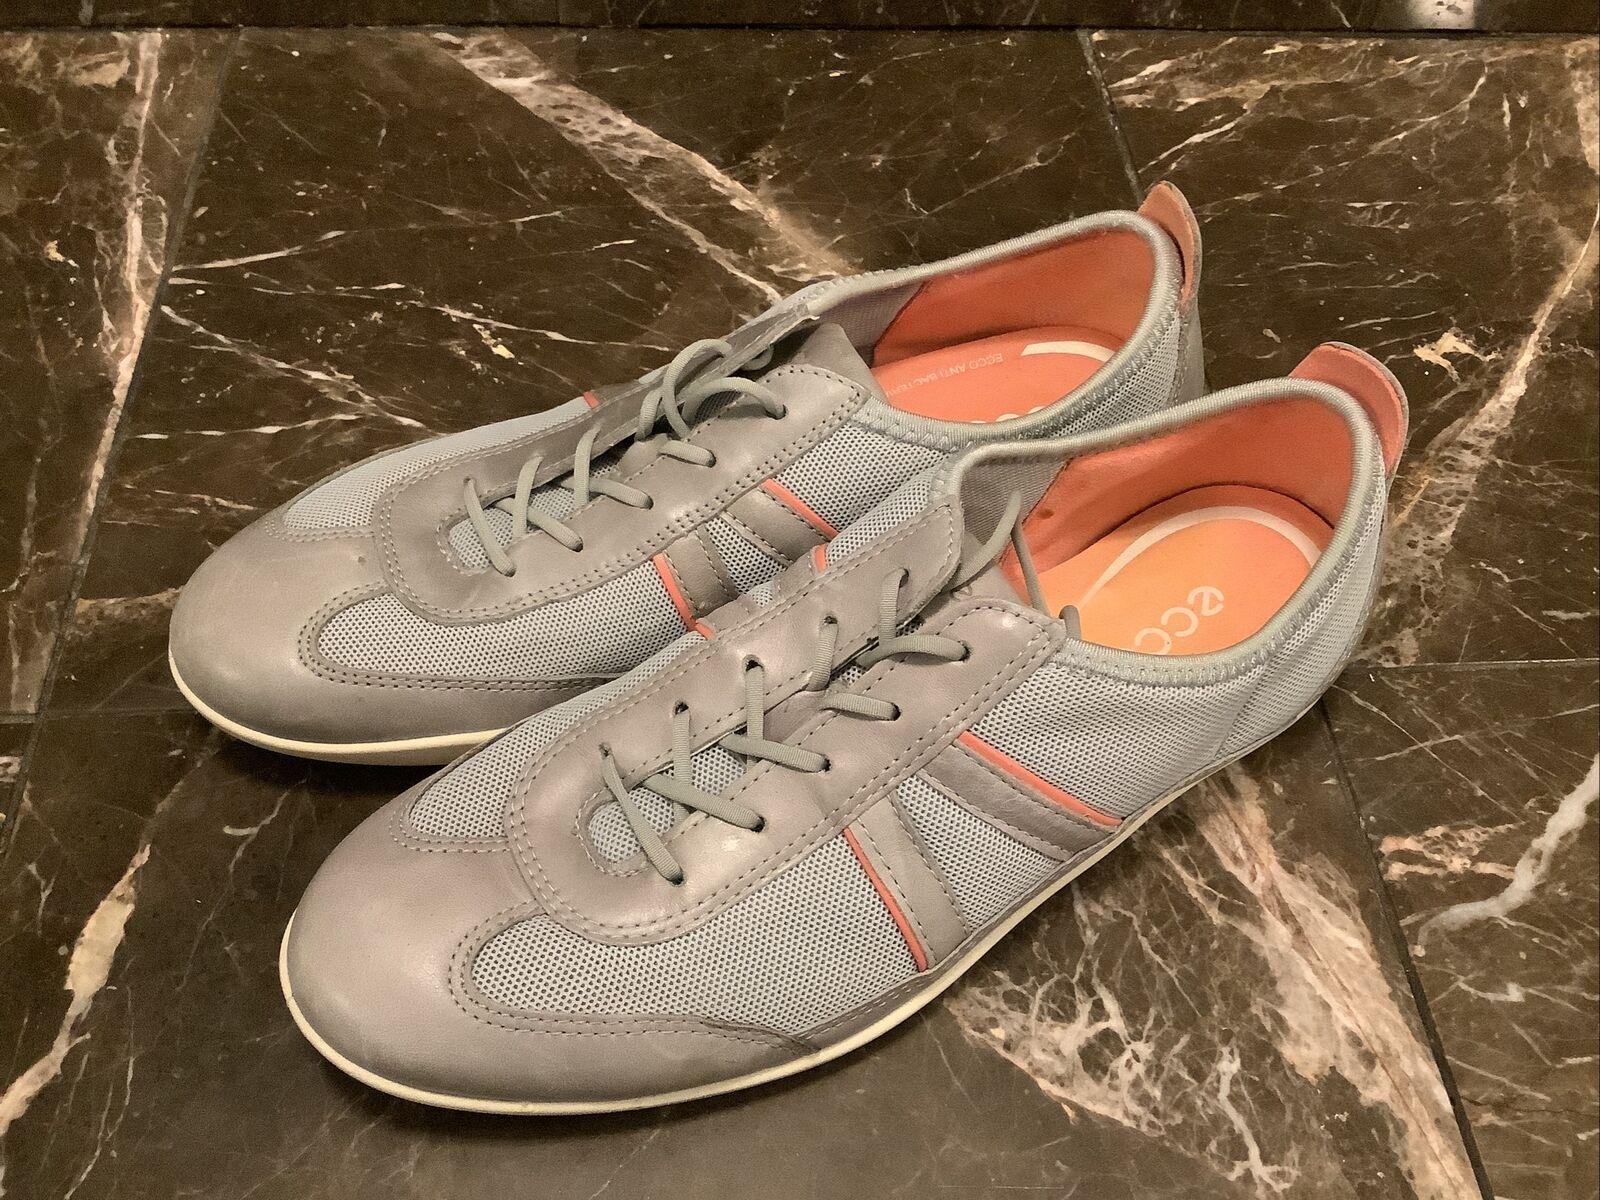 Ecco Chaussures Femme En Cuir Grise Lacets Mode Confort Marche Baskets 38 Taille 7.5 US